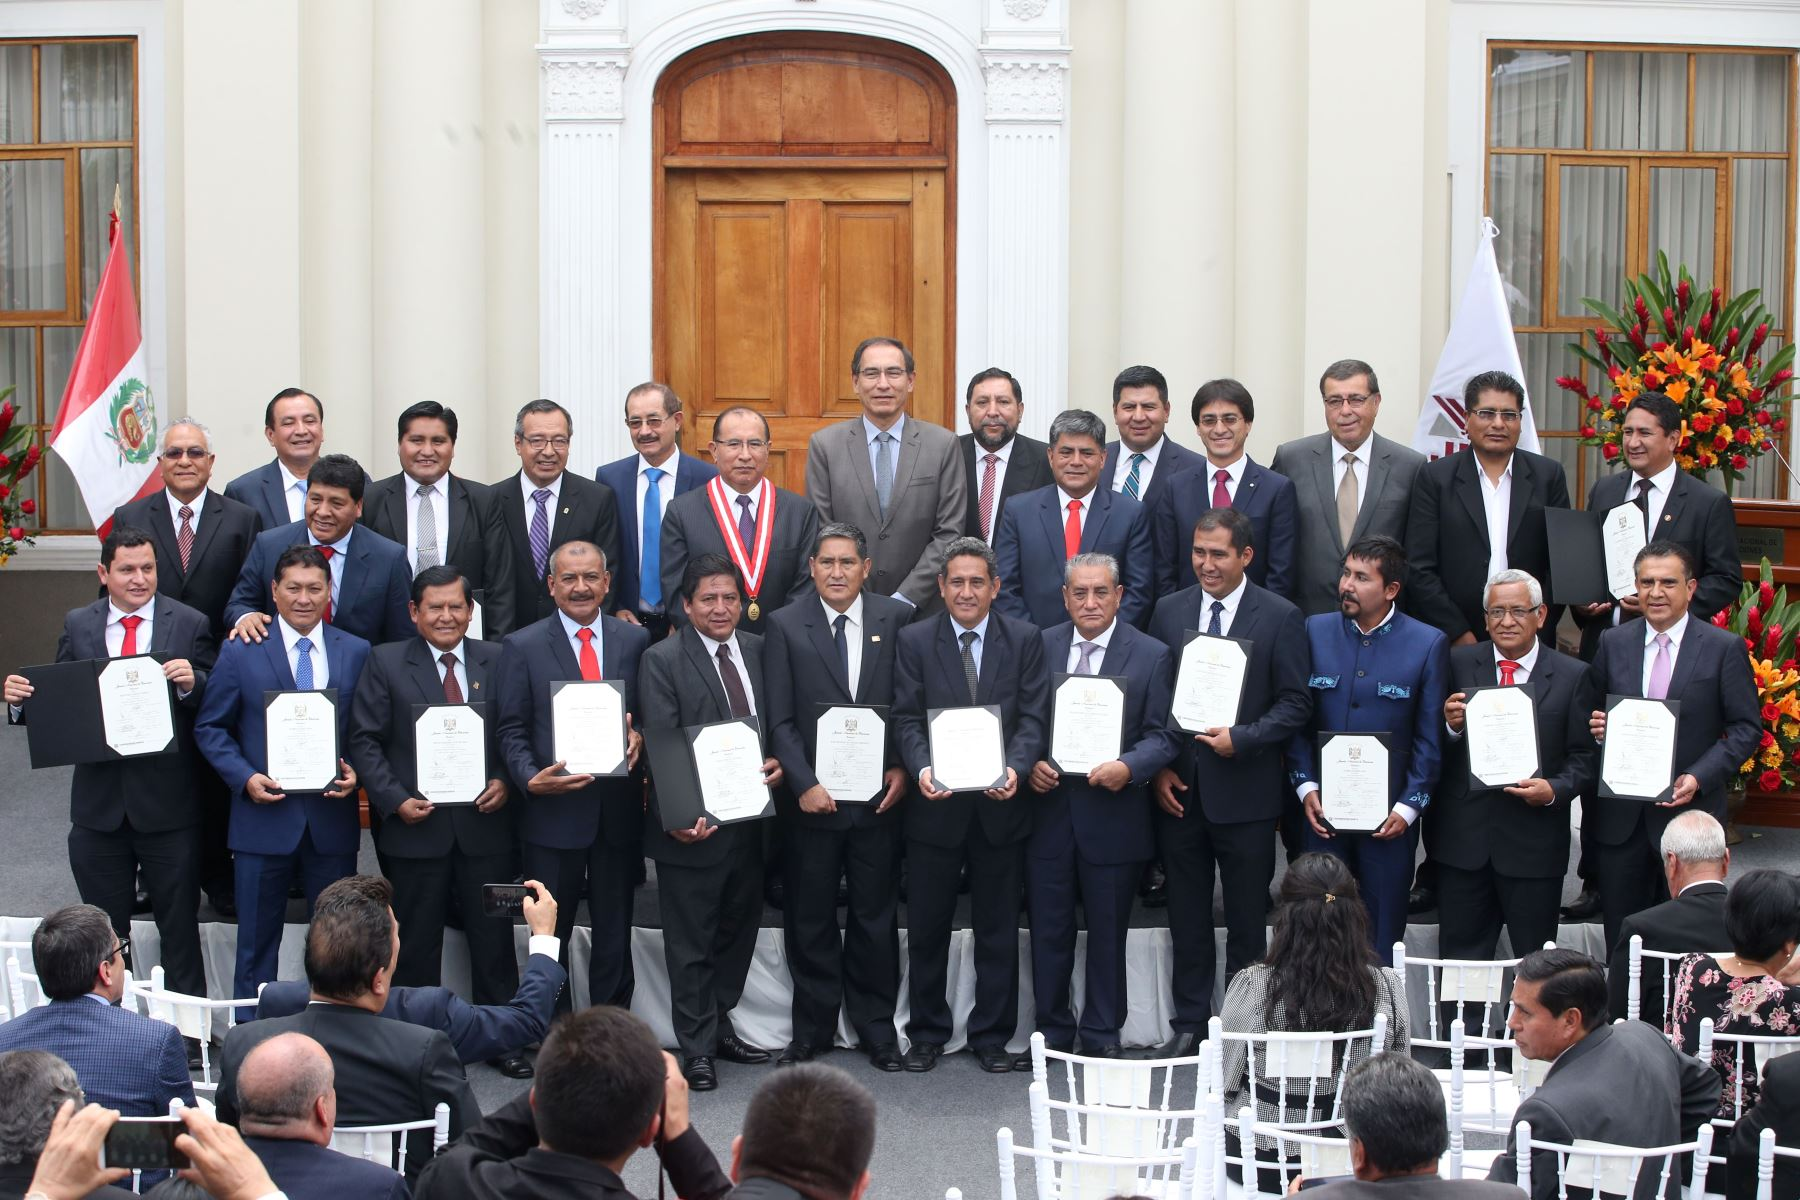 Gobernadores regionales elegirán a nuevo presidente de ANGR el 18 de enero. ANDINA/Vidal Tarqui